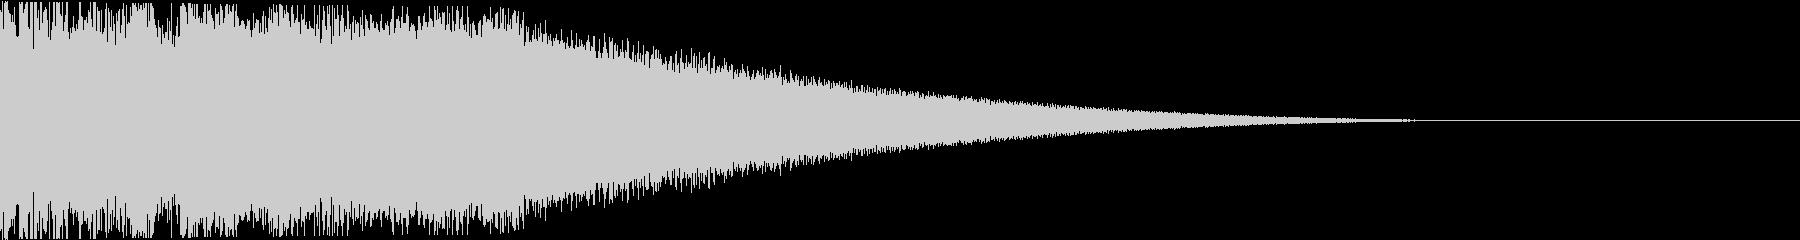 ピコーン:当たり・衝撃・ヒットの未再生の波形